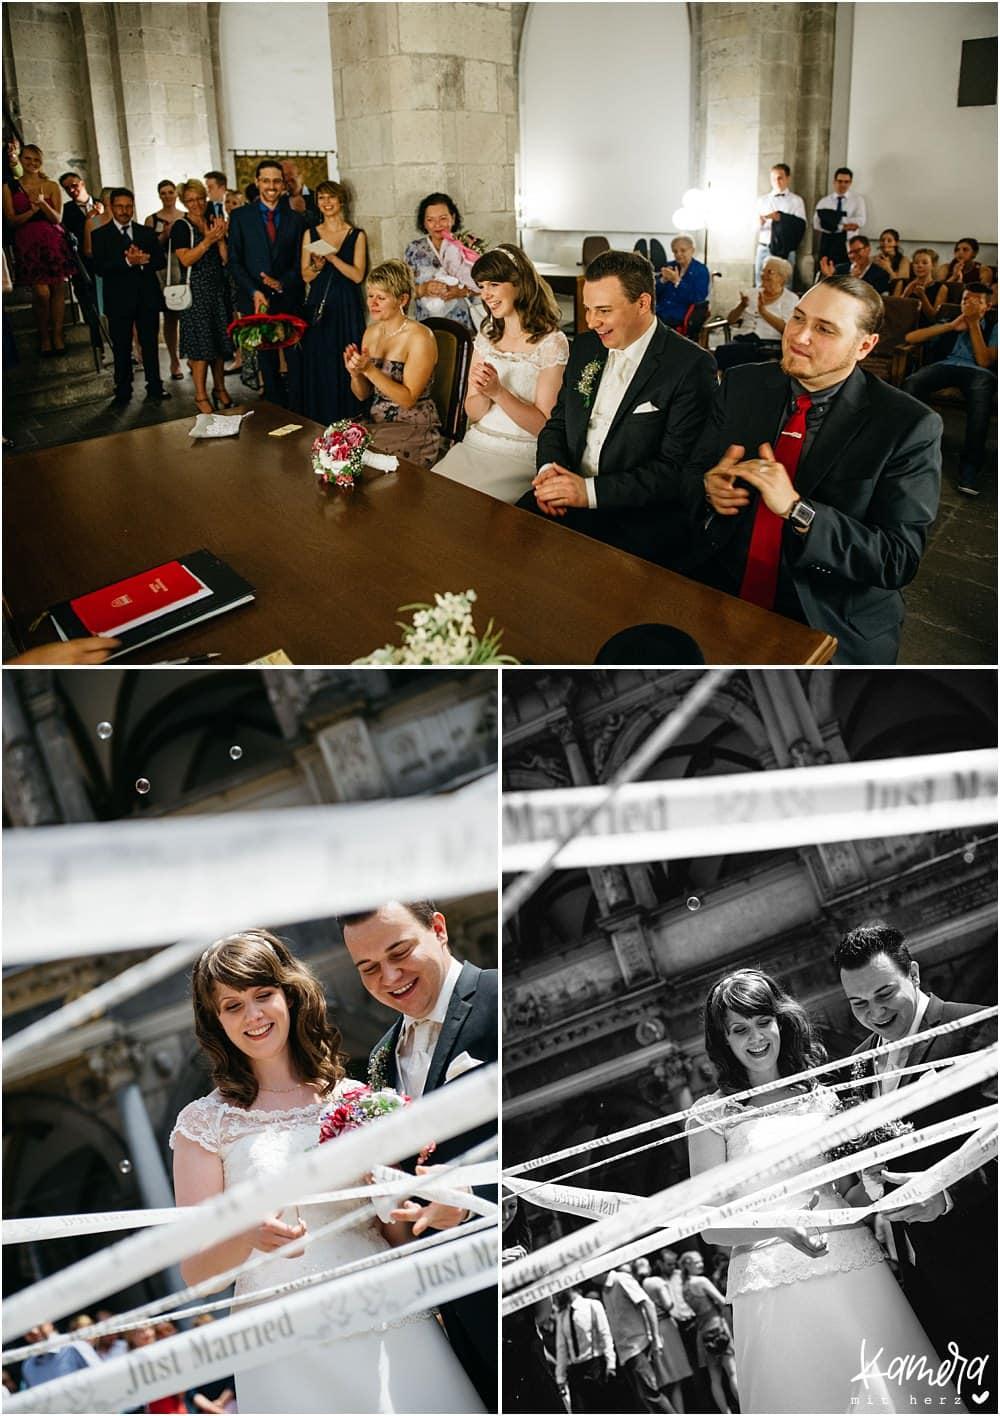 Moderne Hochzeitsfotos Srandesamt köln